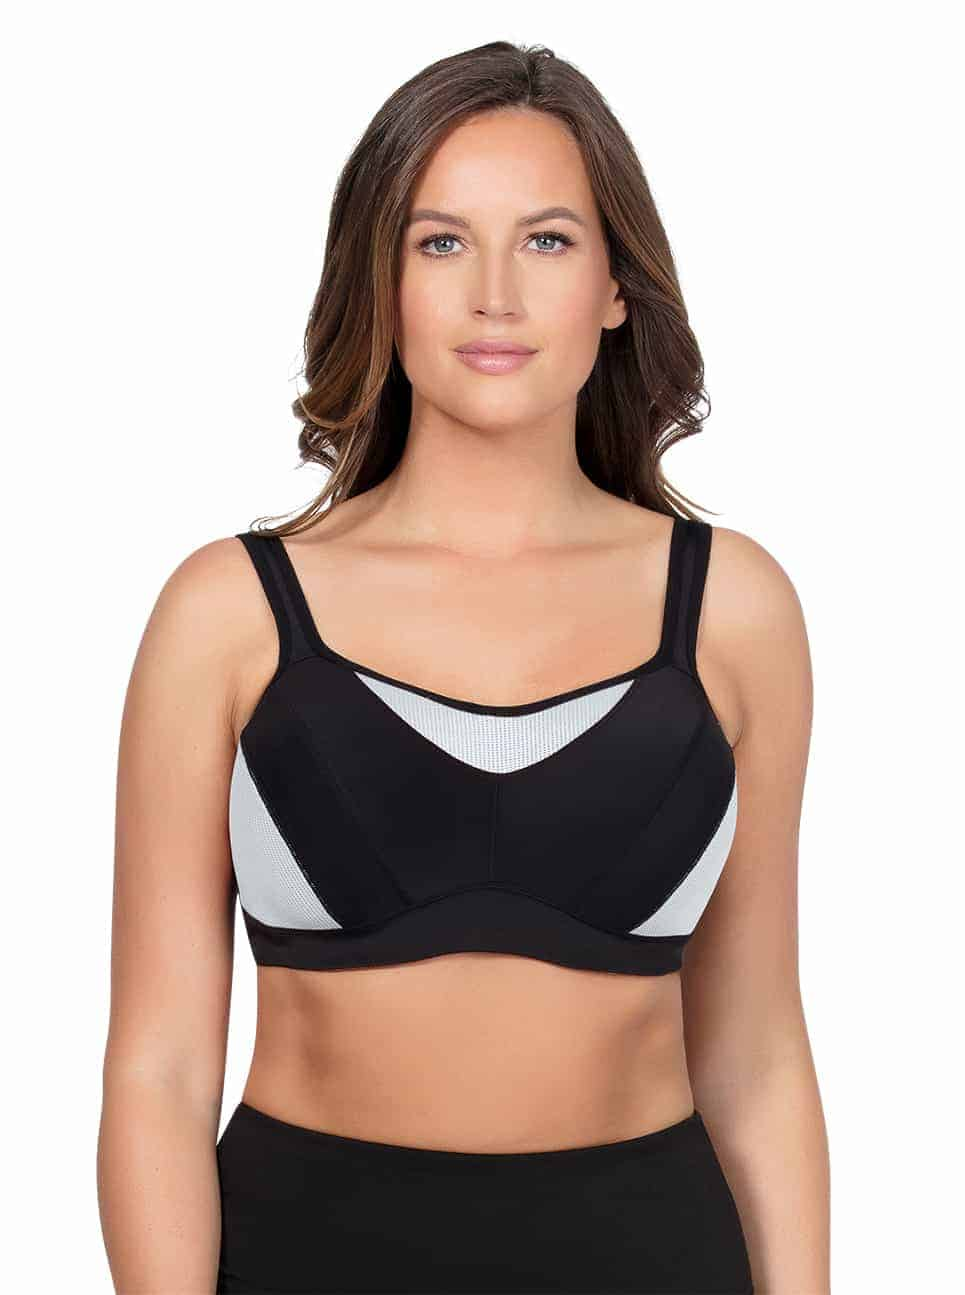 ParfaitActive SportsBraP5541 Black Front - Parfait Active Sports Bra - Black - P5541